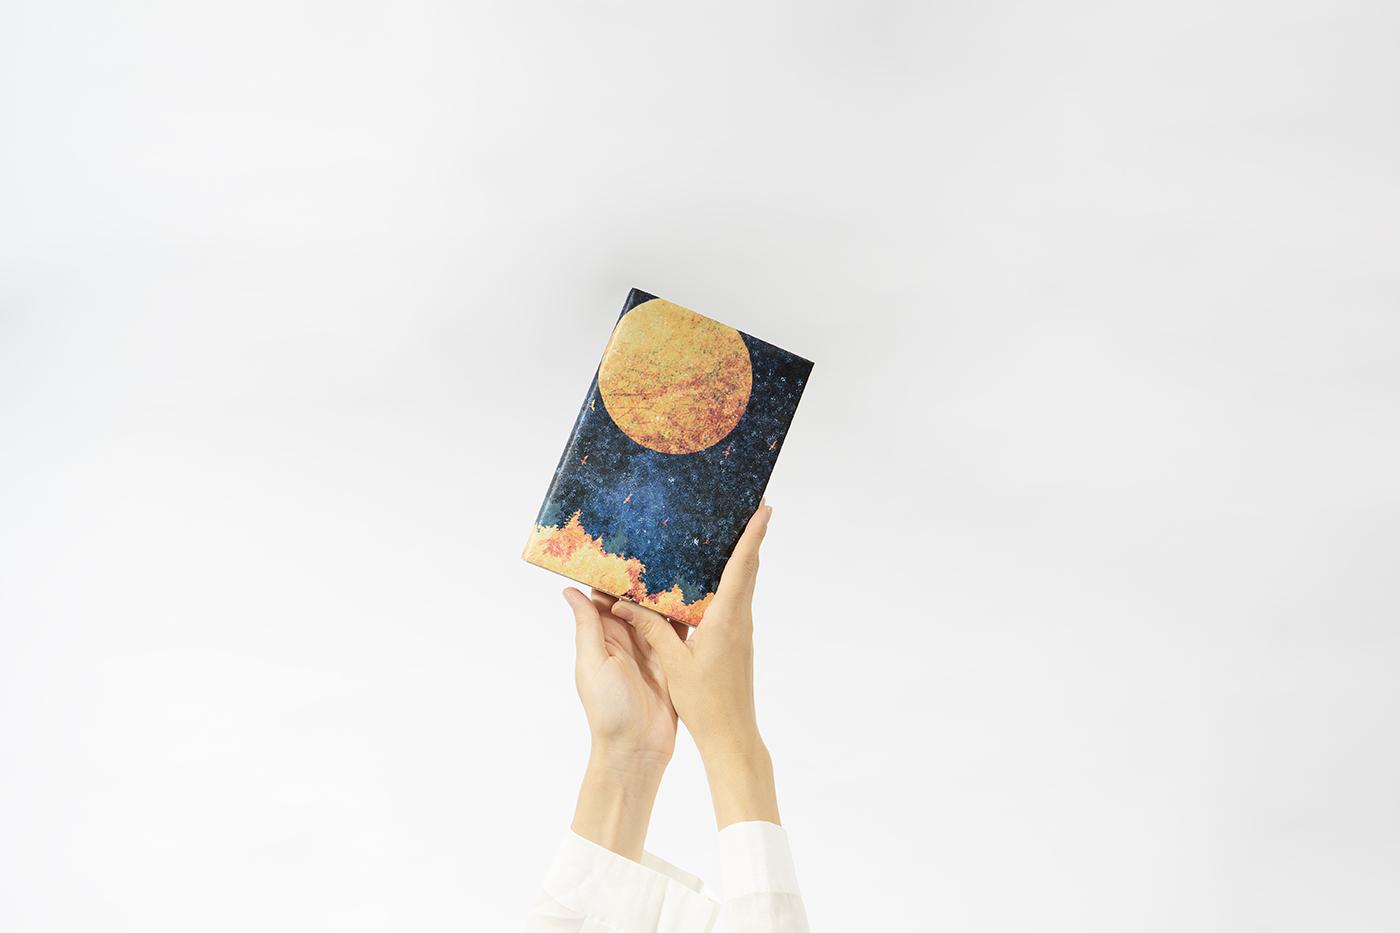 読書の秋。夜空と満月が描かれたブックカバーで、これからはじまる物語を包んでみませんか?